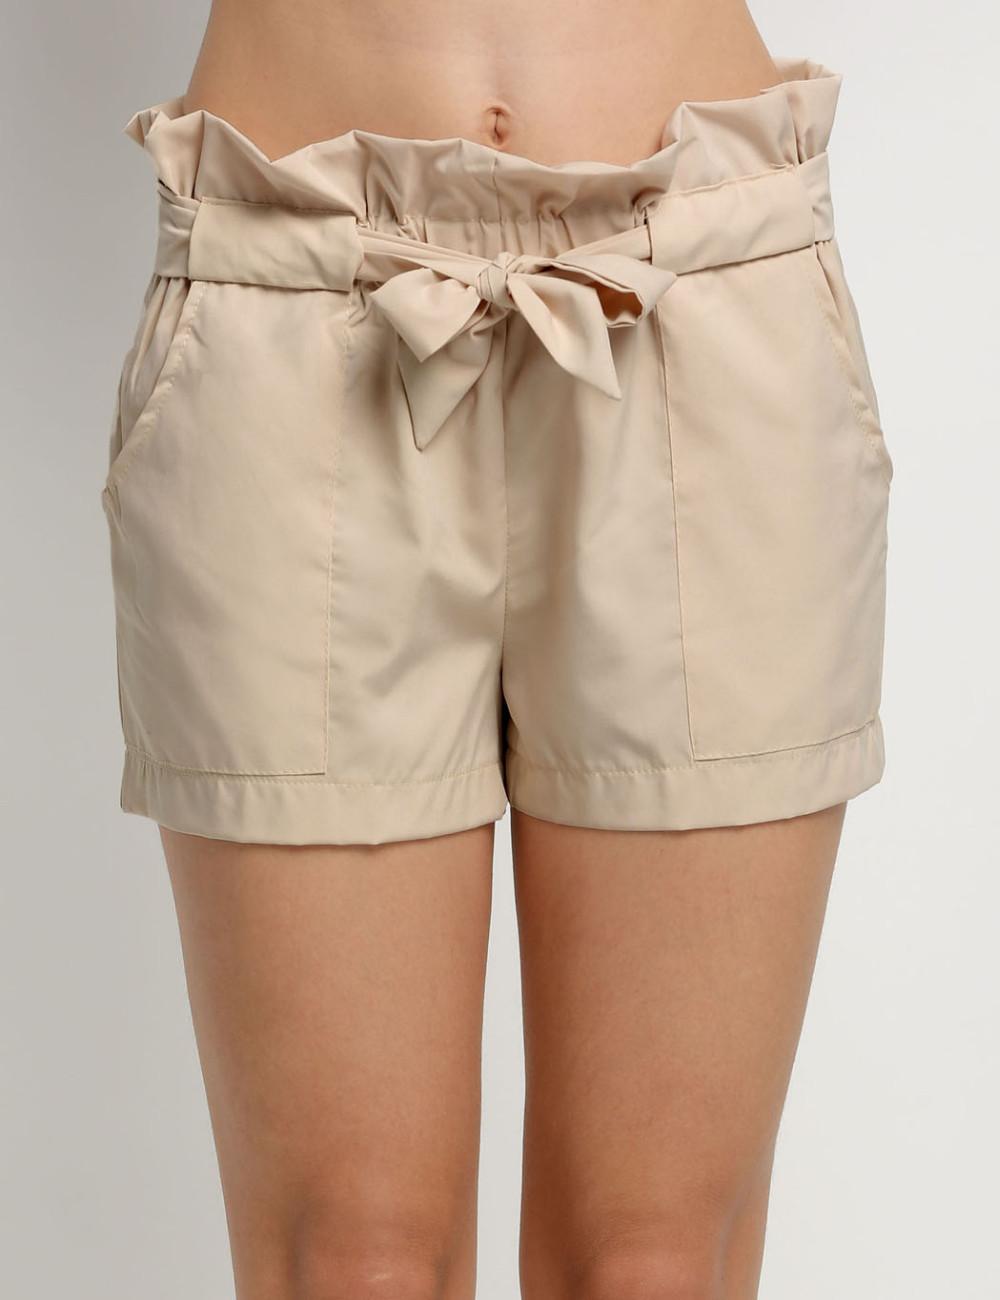 HTB1fwwzNFXXXXcfXVXXq6xXFXXXD - High Waist Shorts Loose Shorts With Belt Woman PTC 59